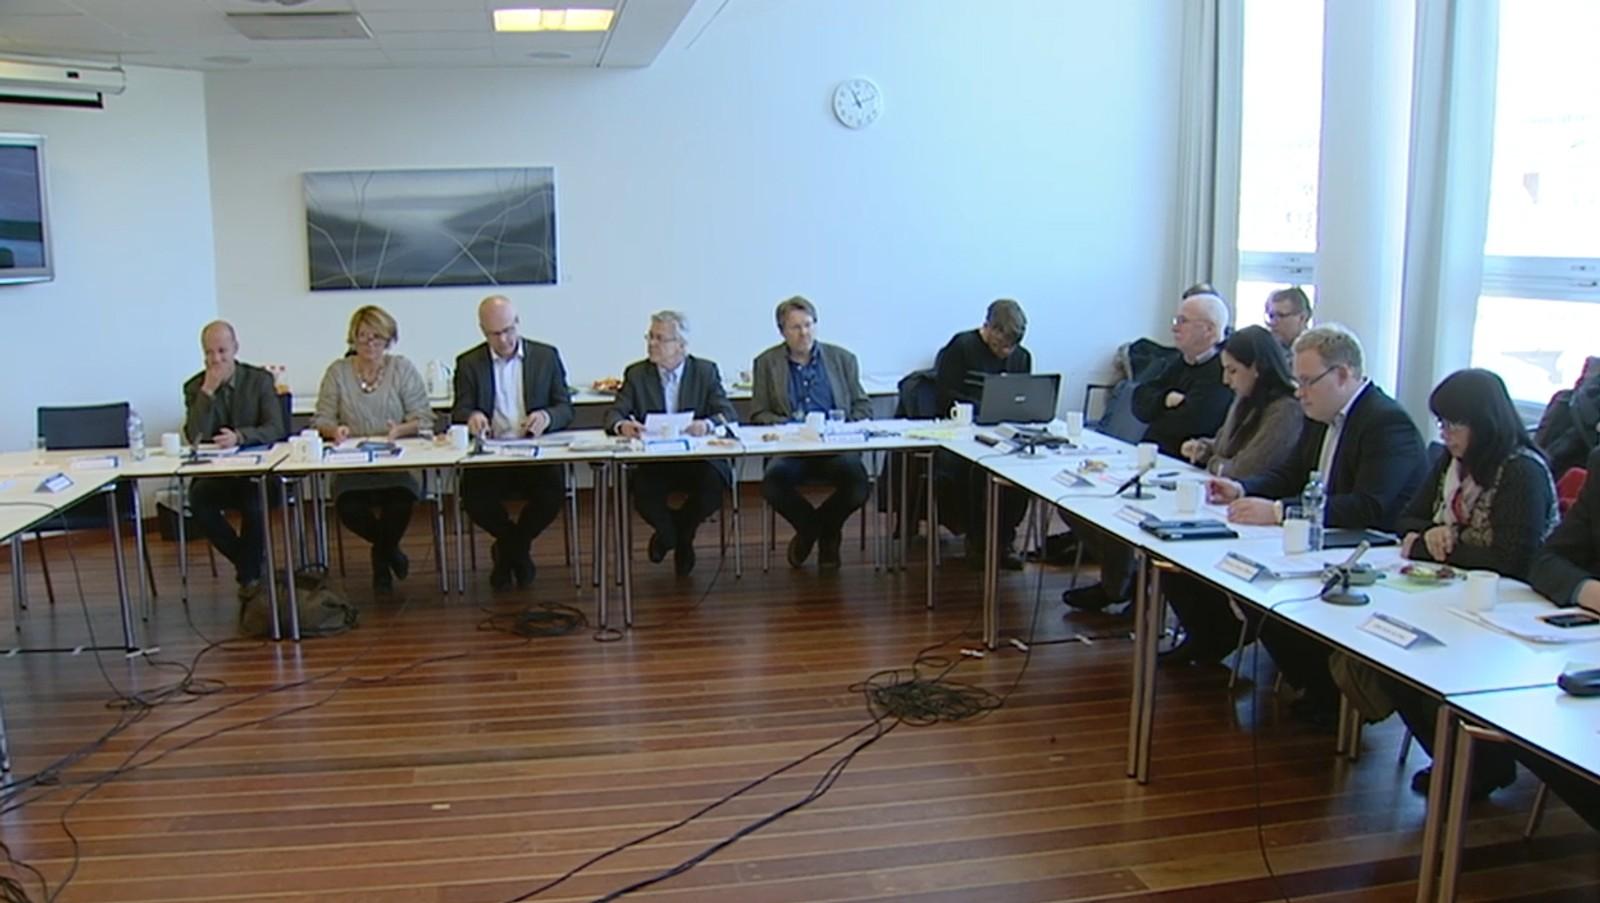 Dårlig journalistikk: Kringkastingsrådet behandlet den såkalte romkvinnesaken i 2013 og i rådet NRK beklaget hvordan denne saken kom ut.